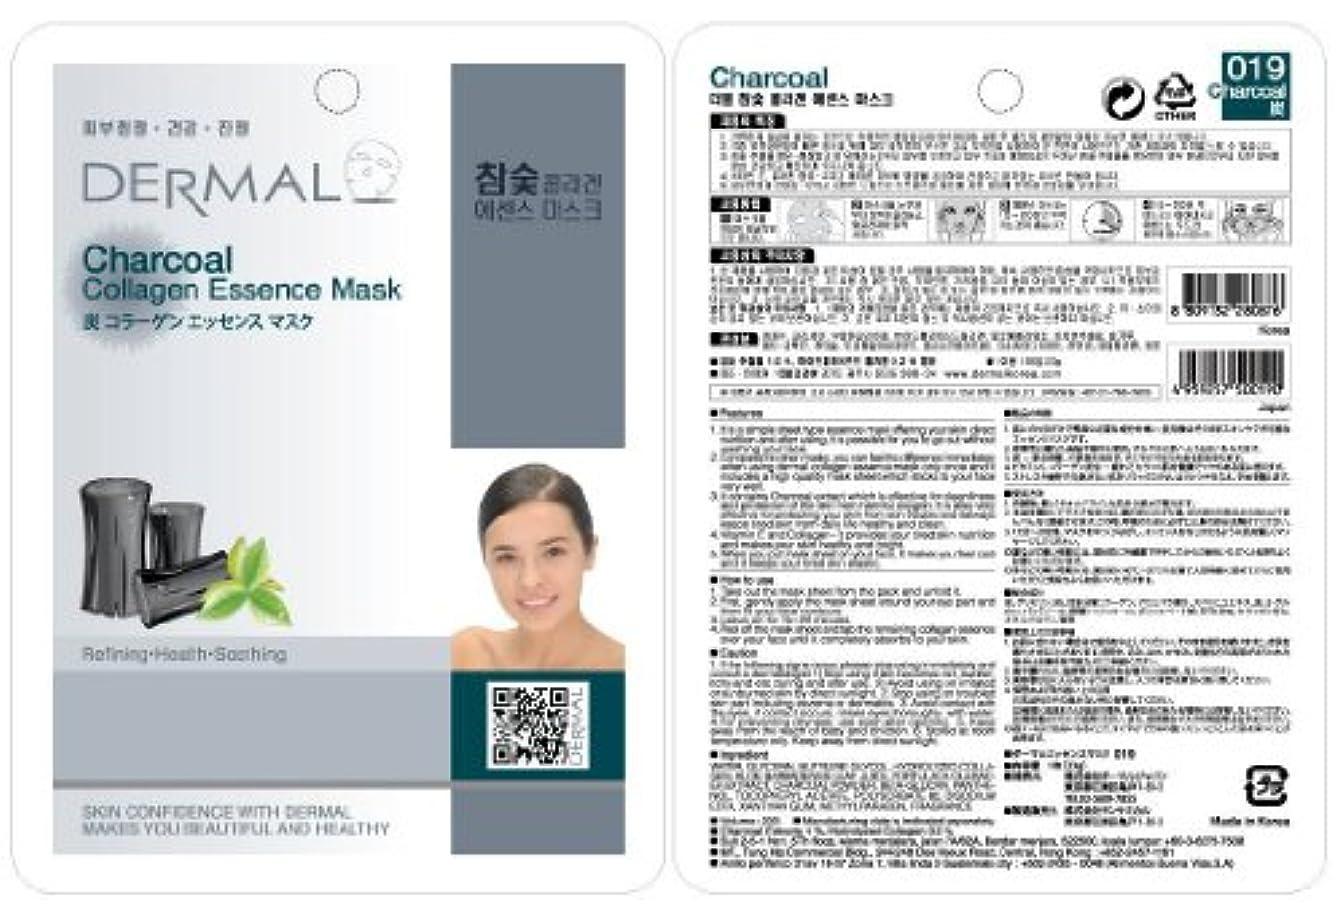 死ハシープラカードダーマル(DERMAL)炭エッセンスマスク 10枚セット